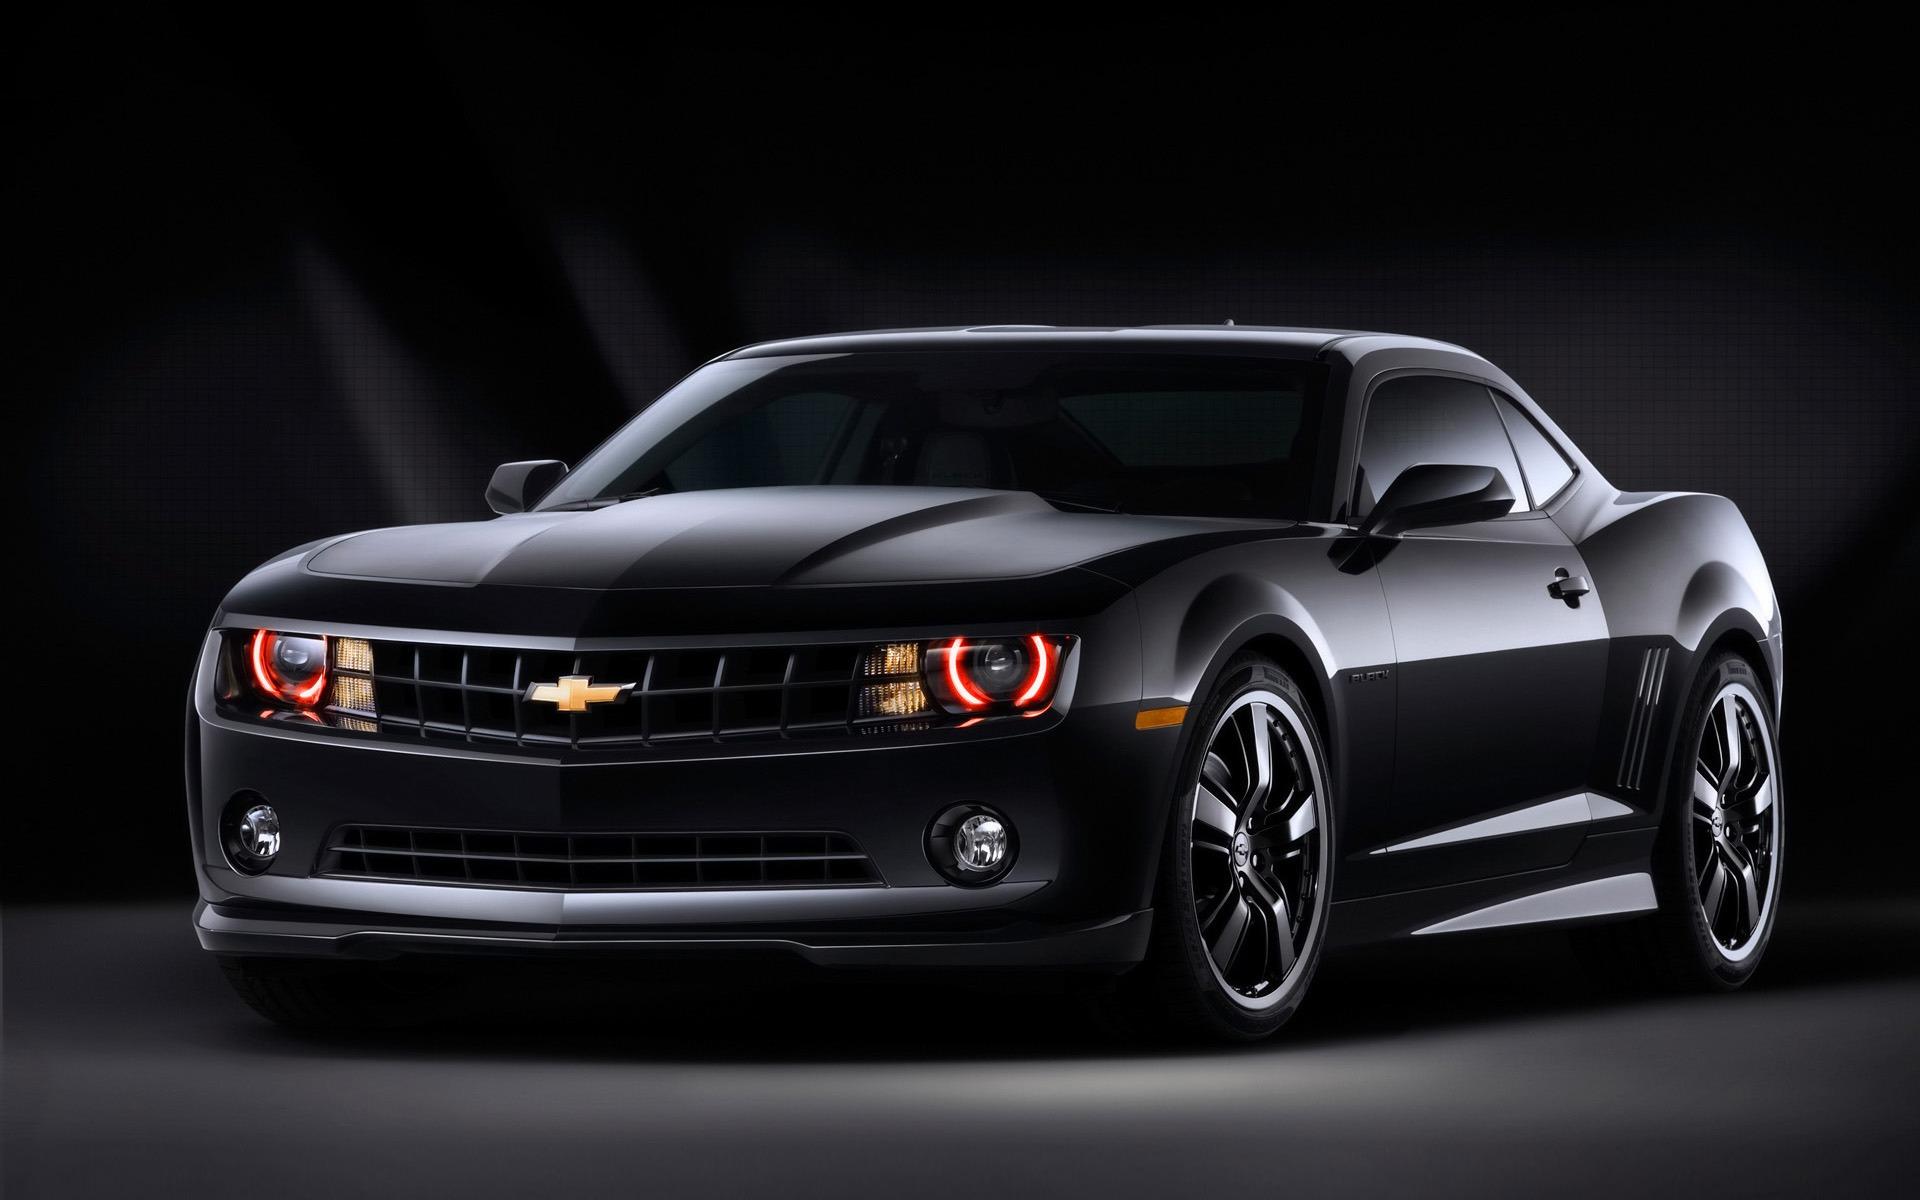 Chevrolet-camaro-black-concept-1920x1200-widescreen-1-